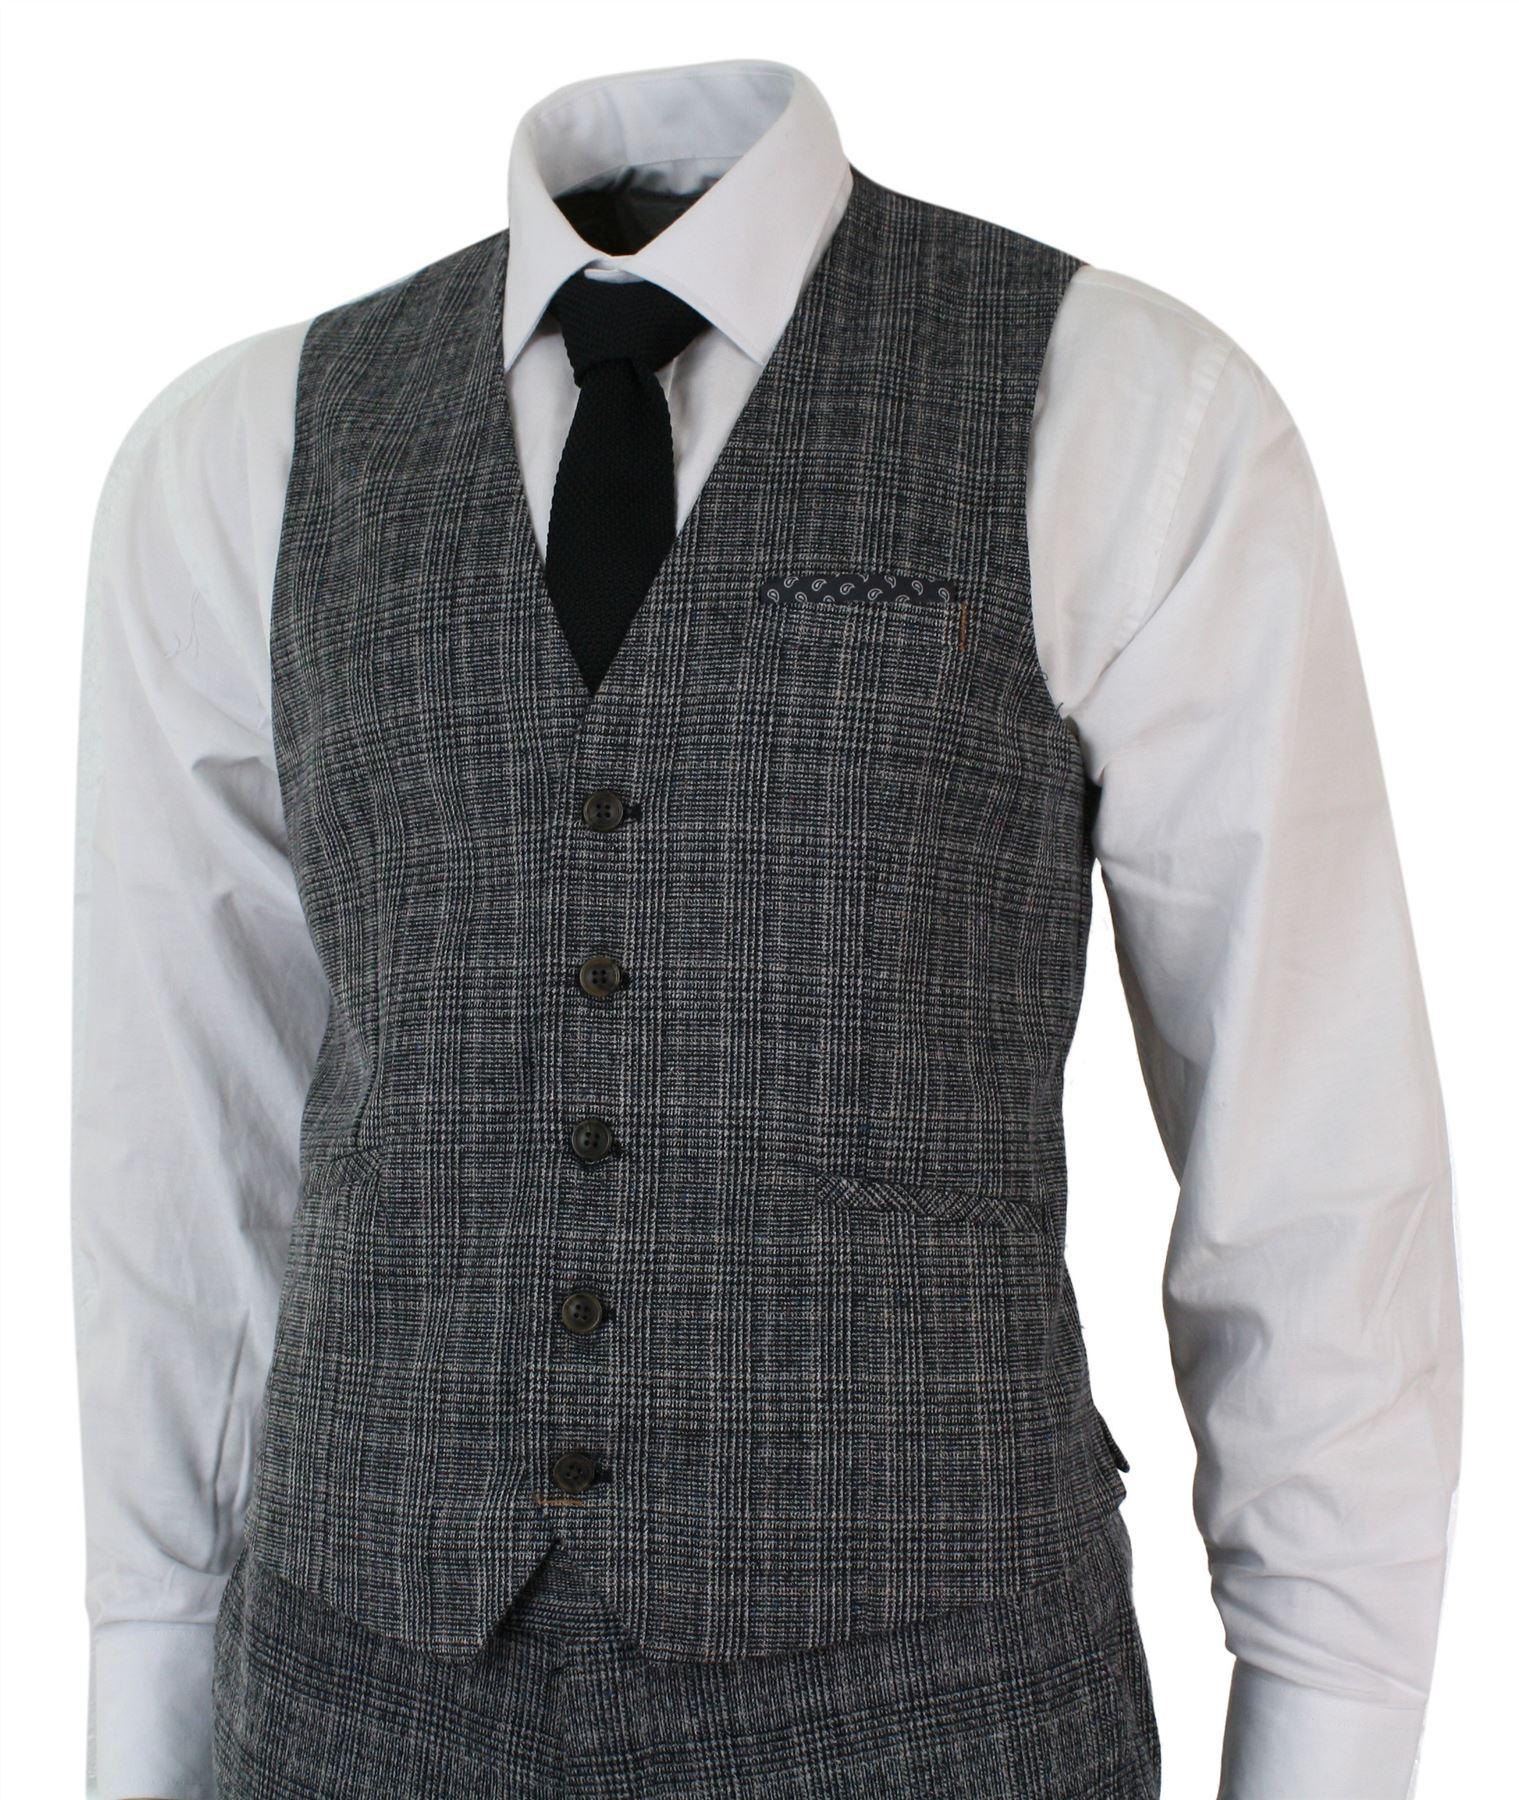 Mens Check Vintage Retro Herringbone Tweed Grey Black 3 ...